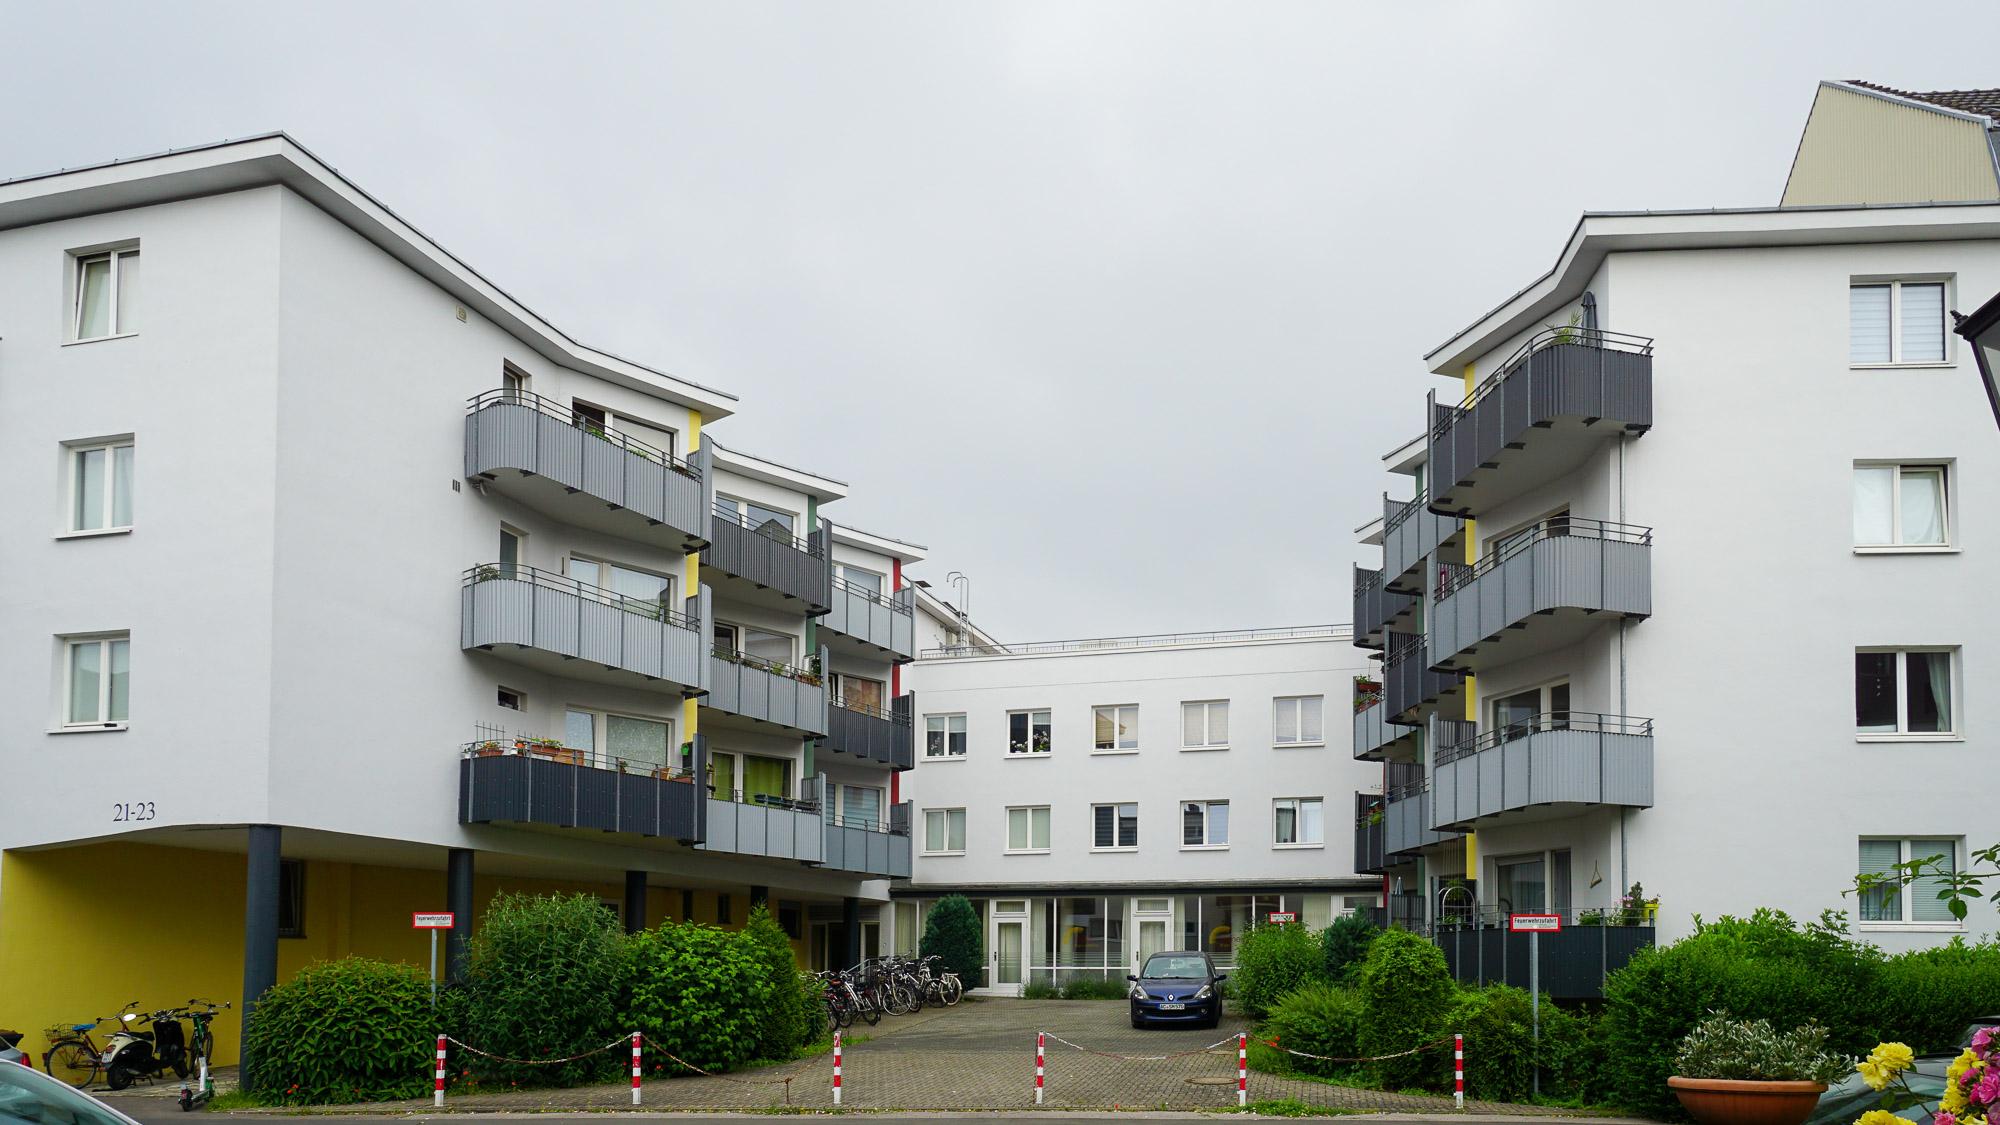 Vierstöckig, locker aufgebautes Wohnhaus mit abgerundeten Balkonen